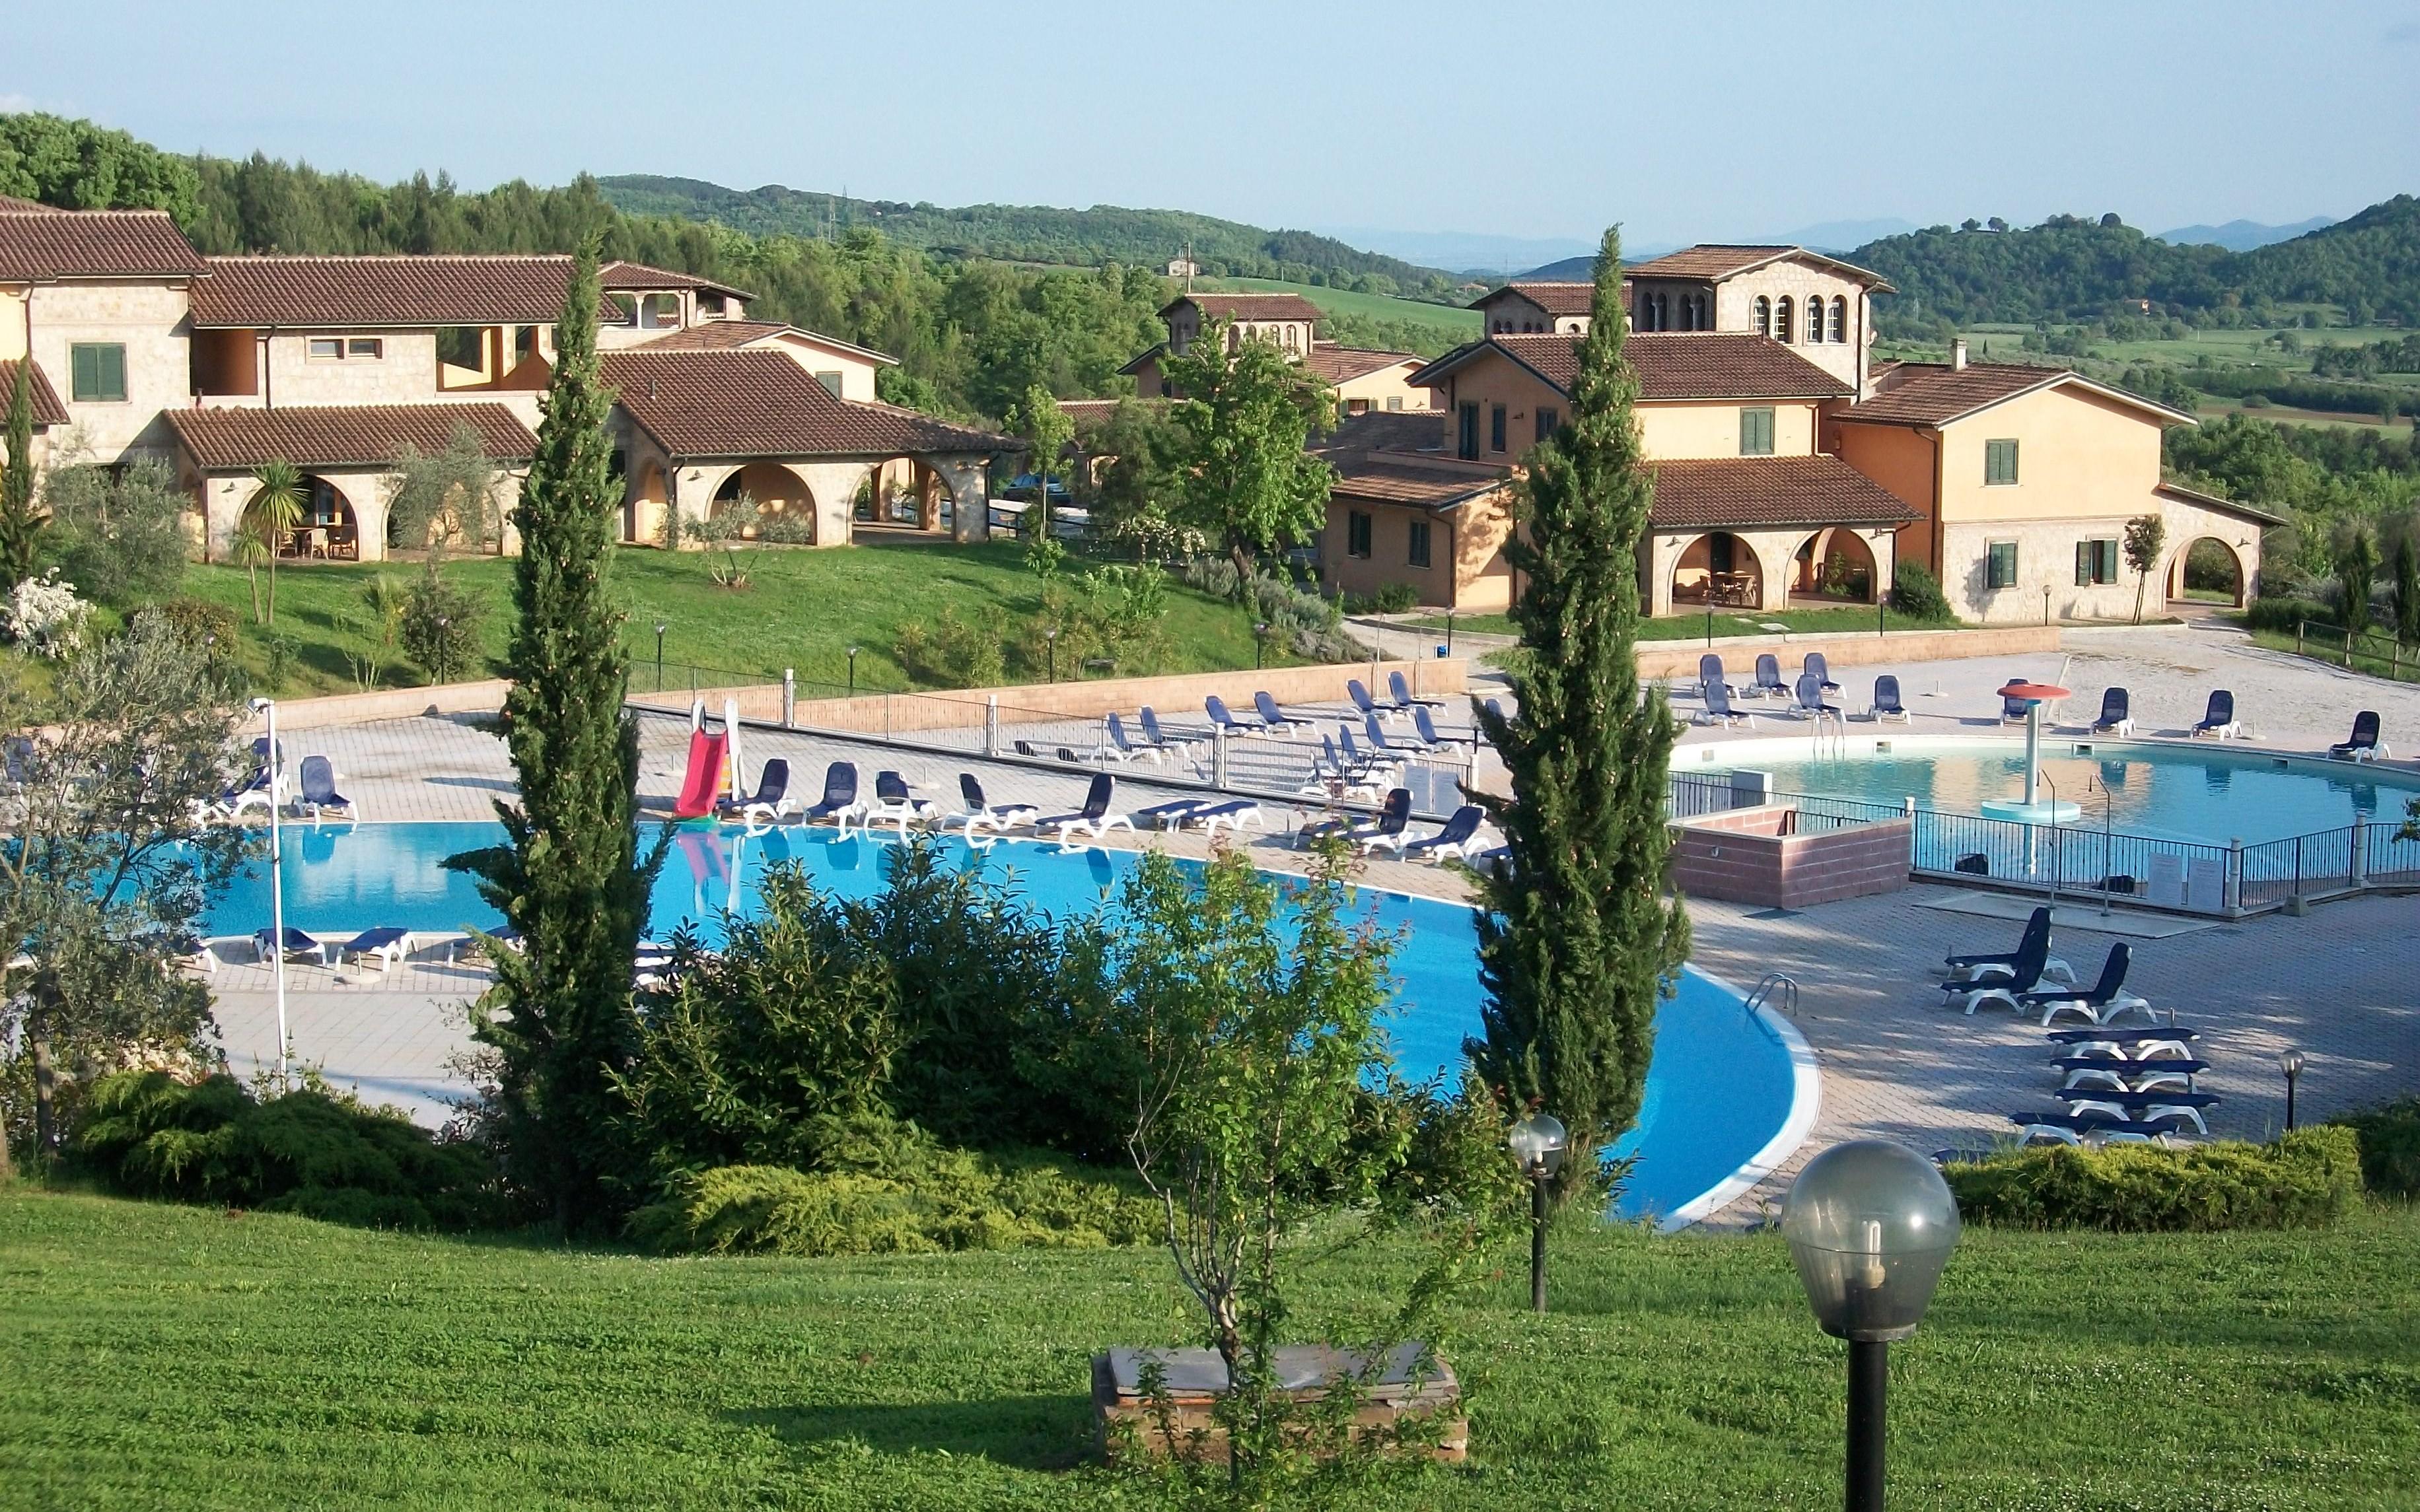 Toscana - Massa Marittima